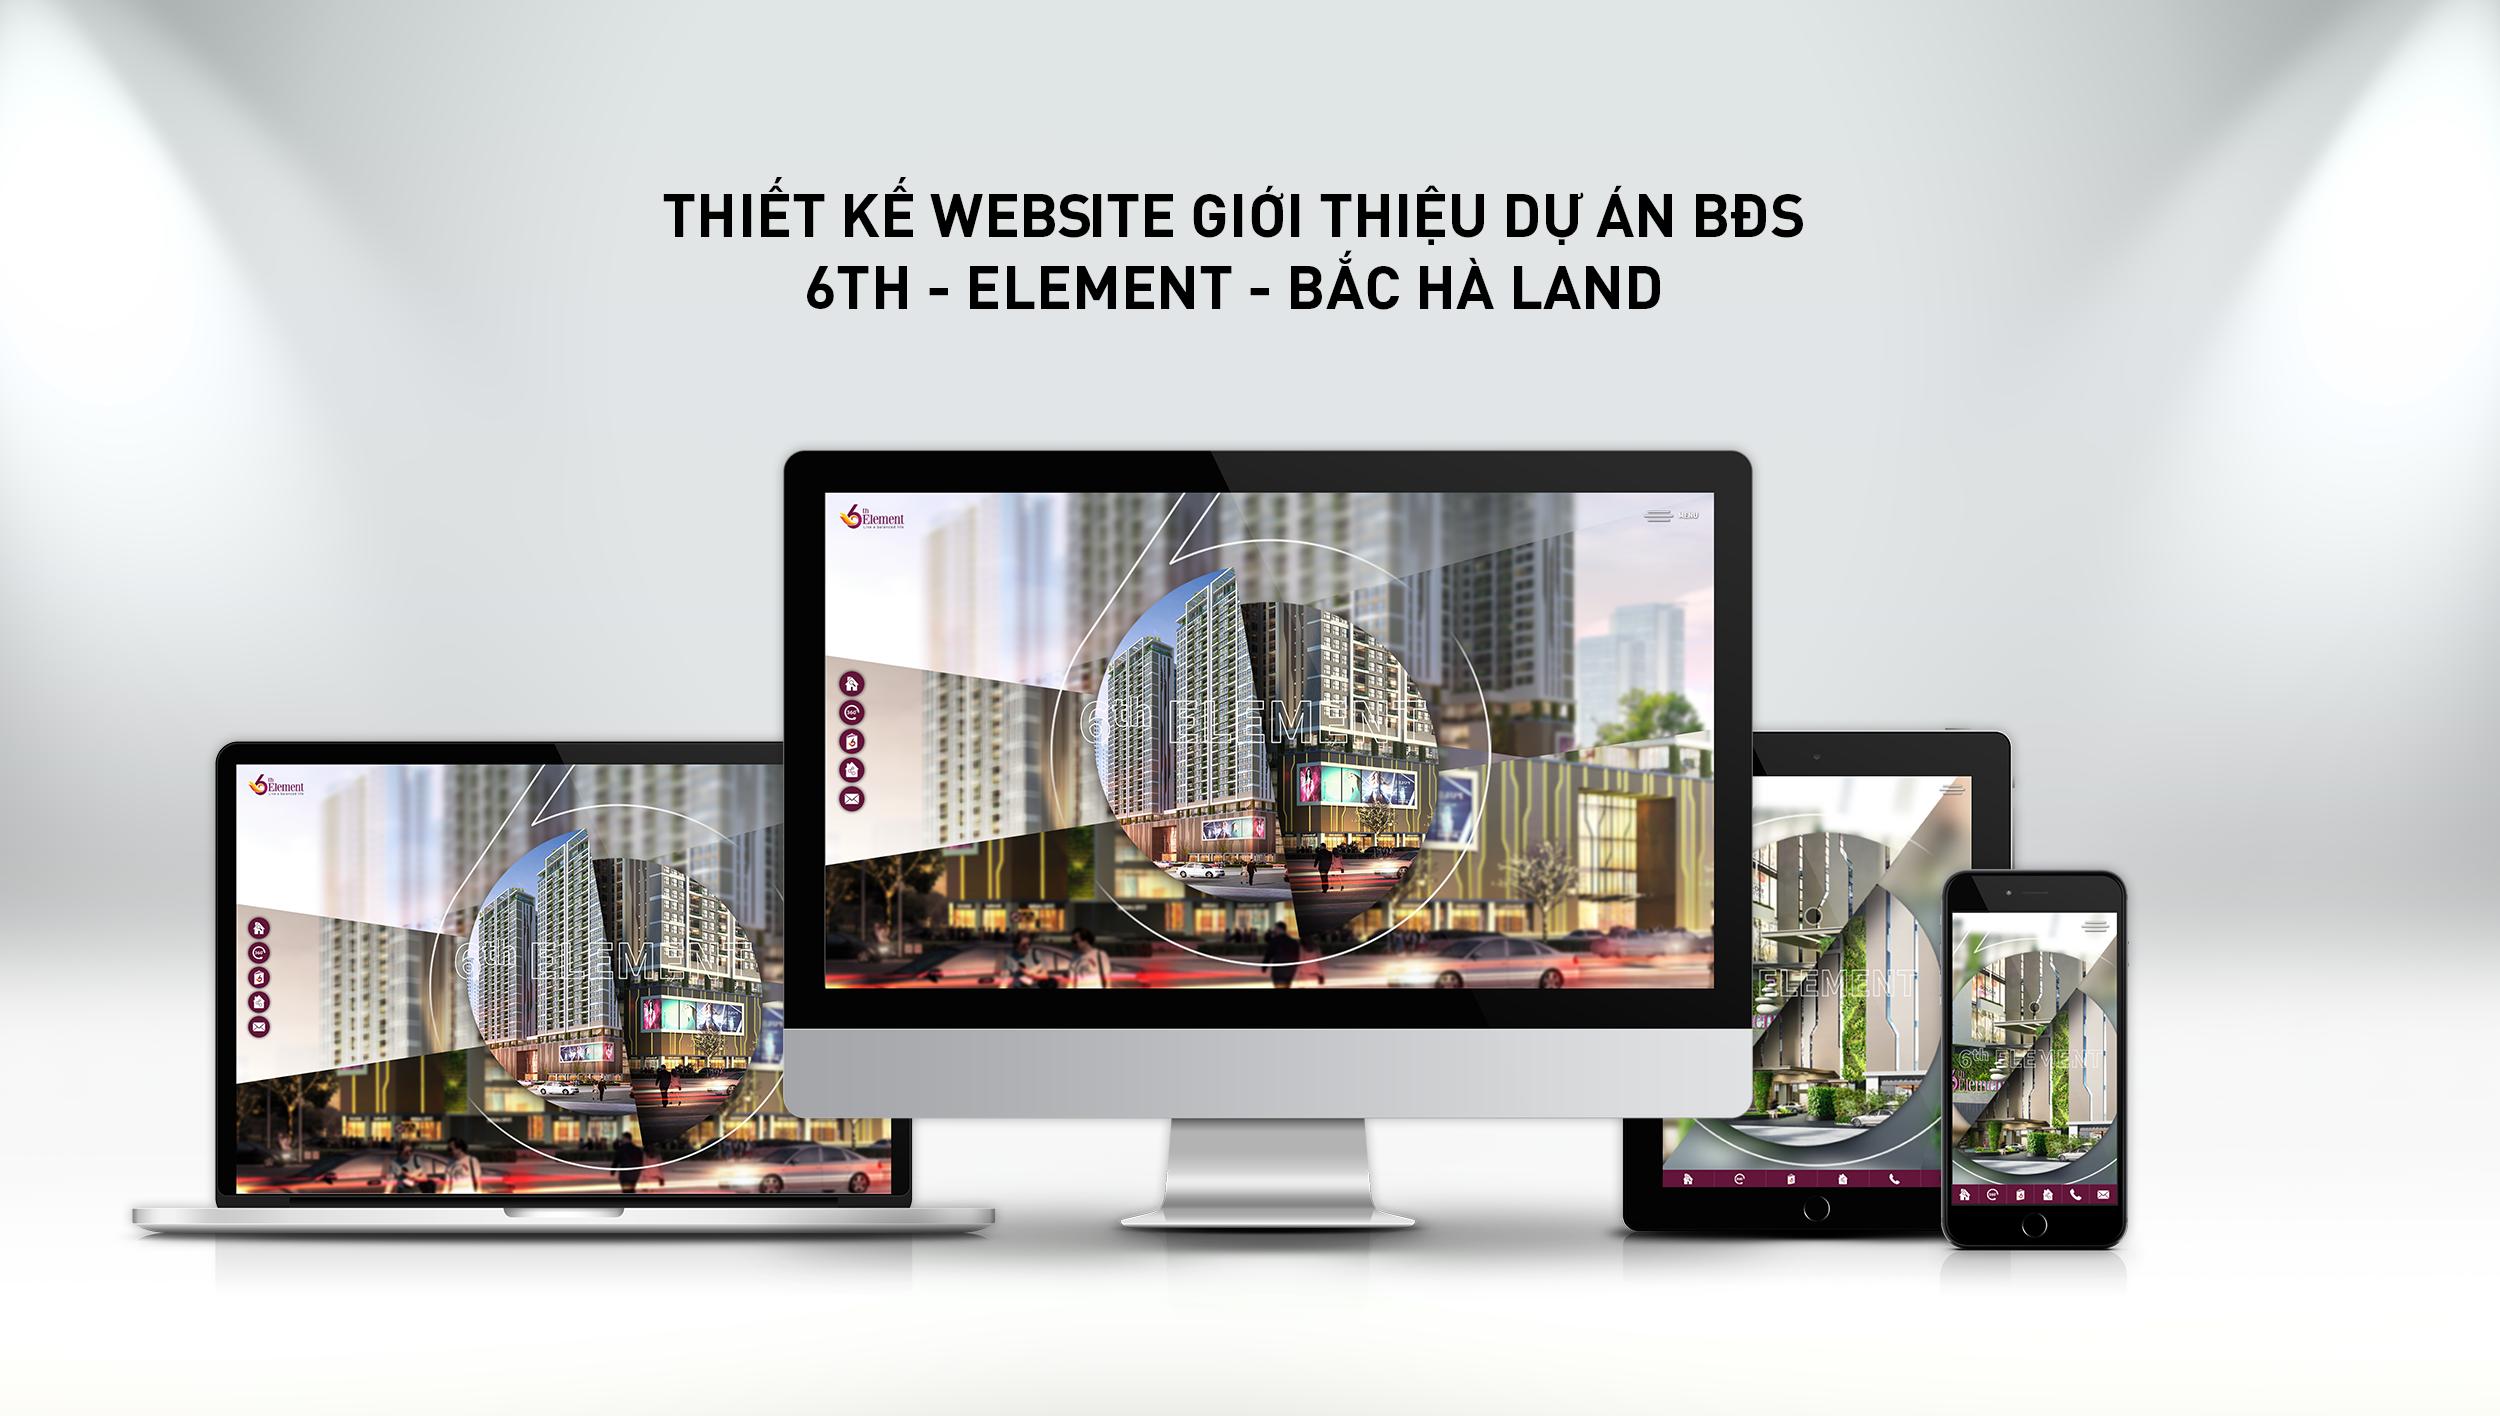 Thiết kế website giới thiệu dự án bất động sản 6th-element